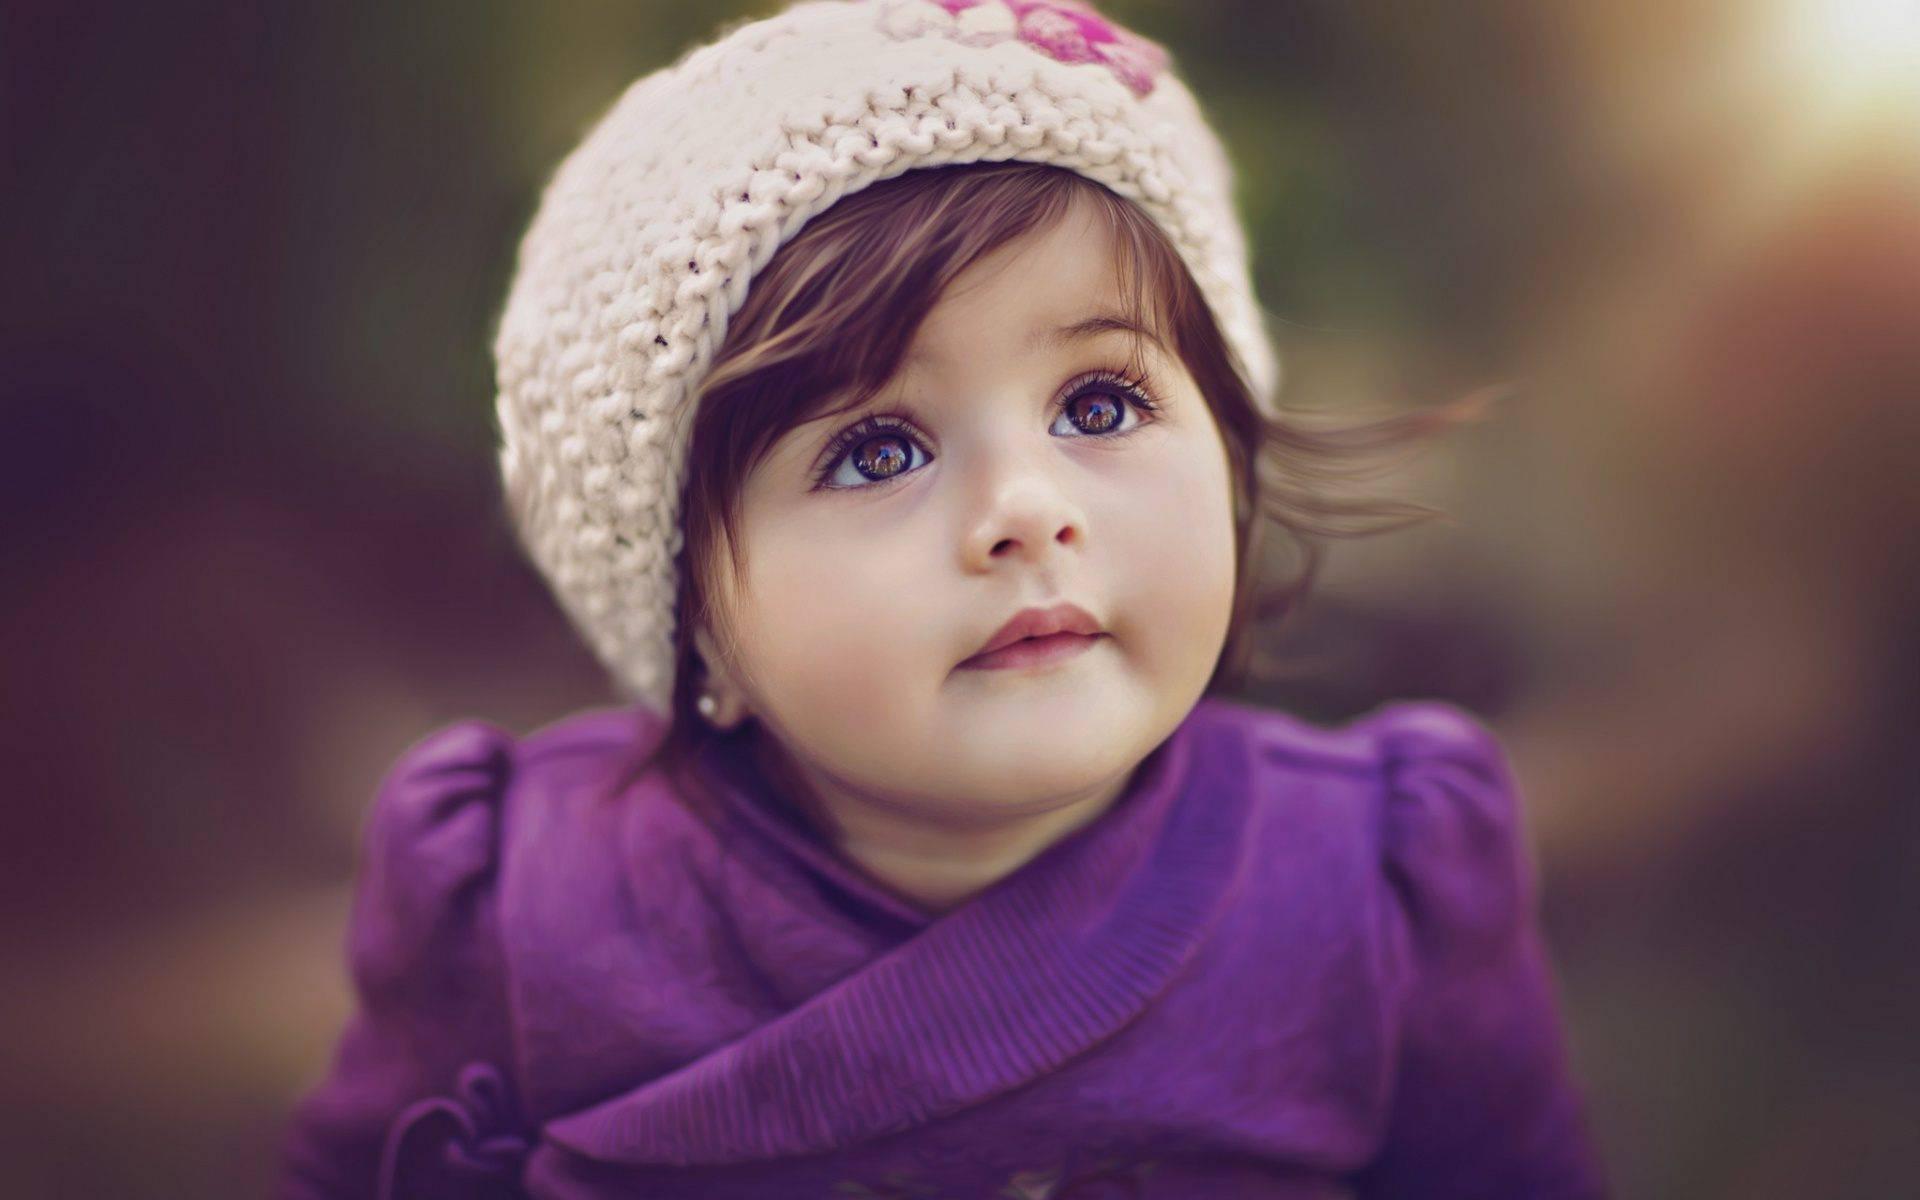 صورة صور بنات صغار حلوين , صور اطفال